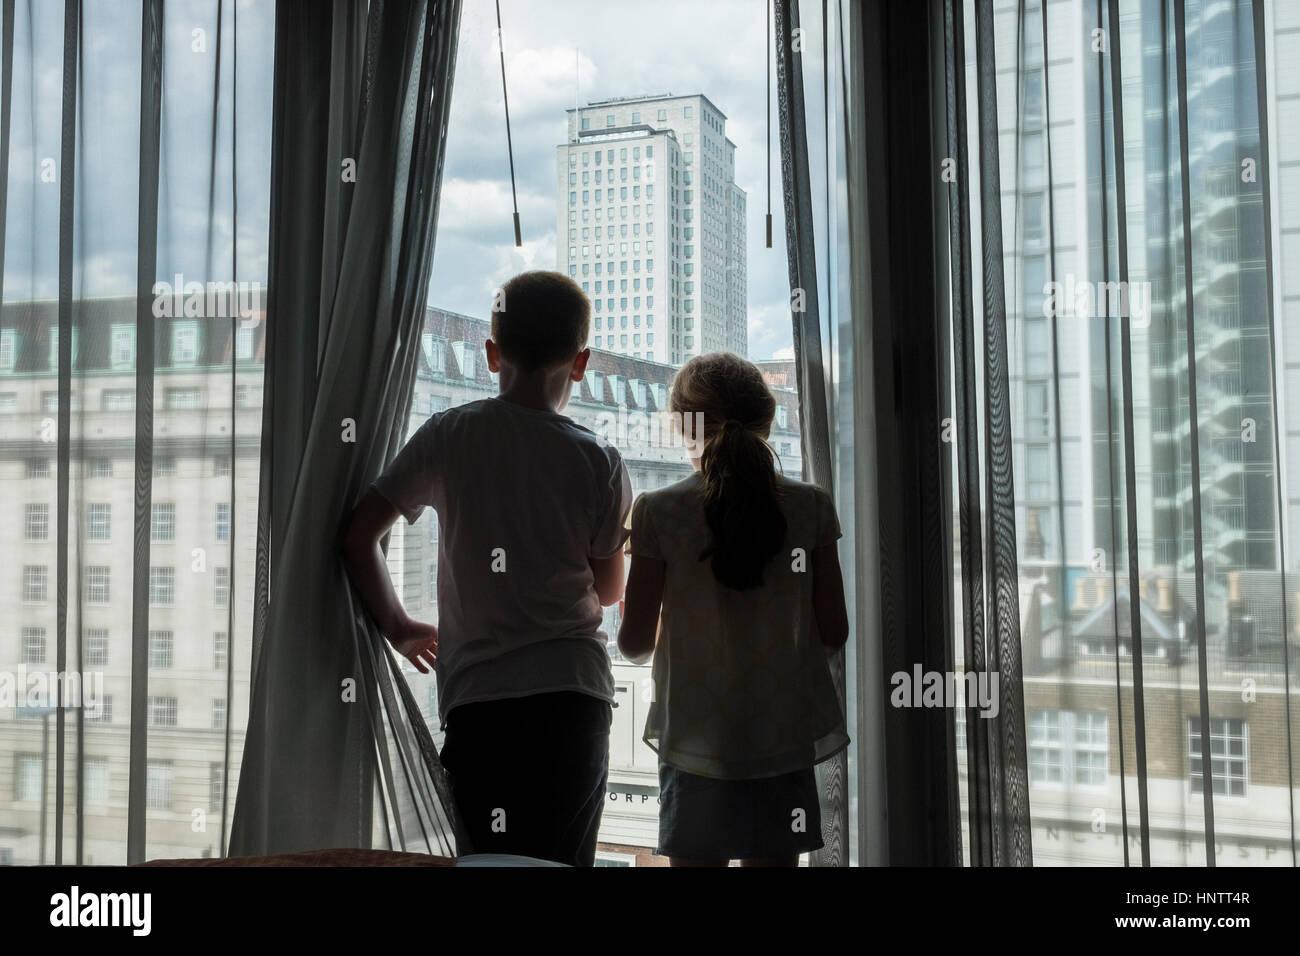 Ein Junge und Mädchen, die durch ein hohes Fenster in einer Stadt suchen. Stockbild